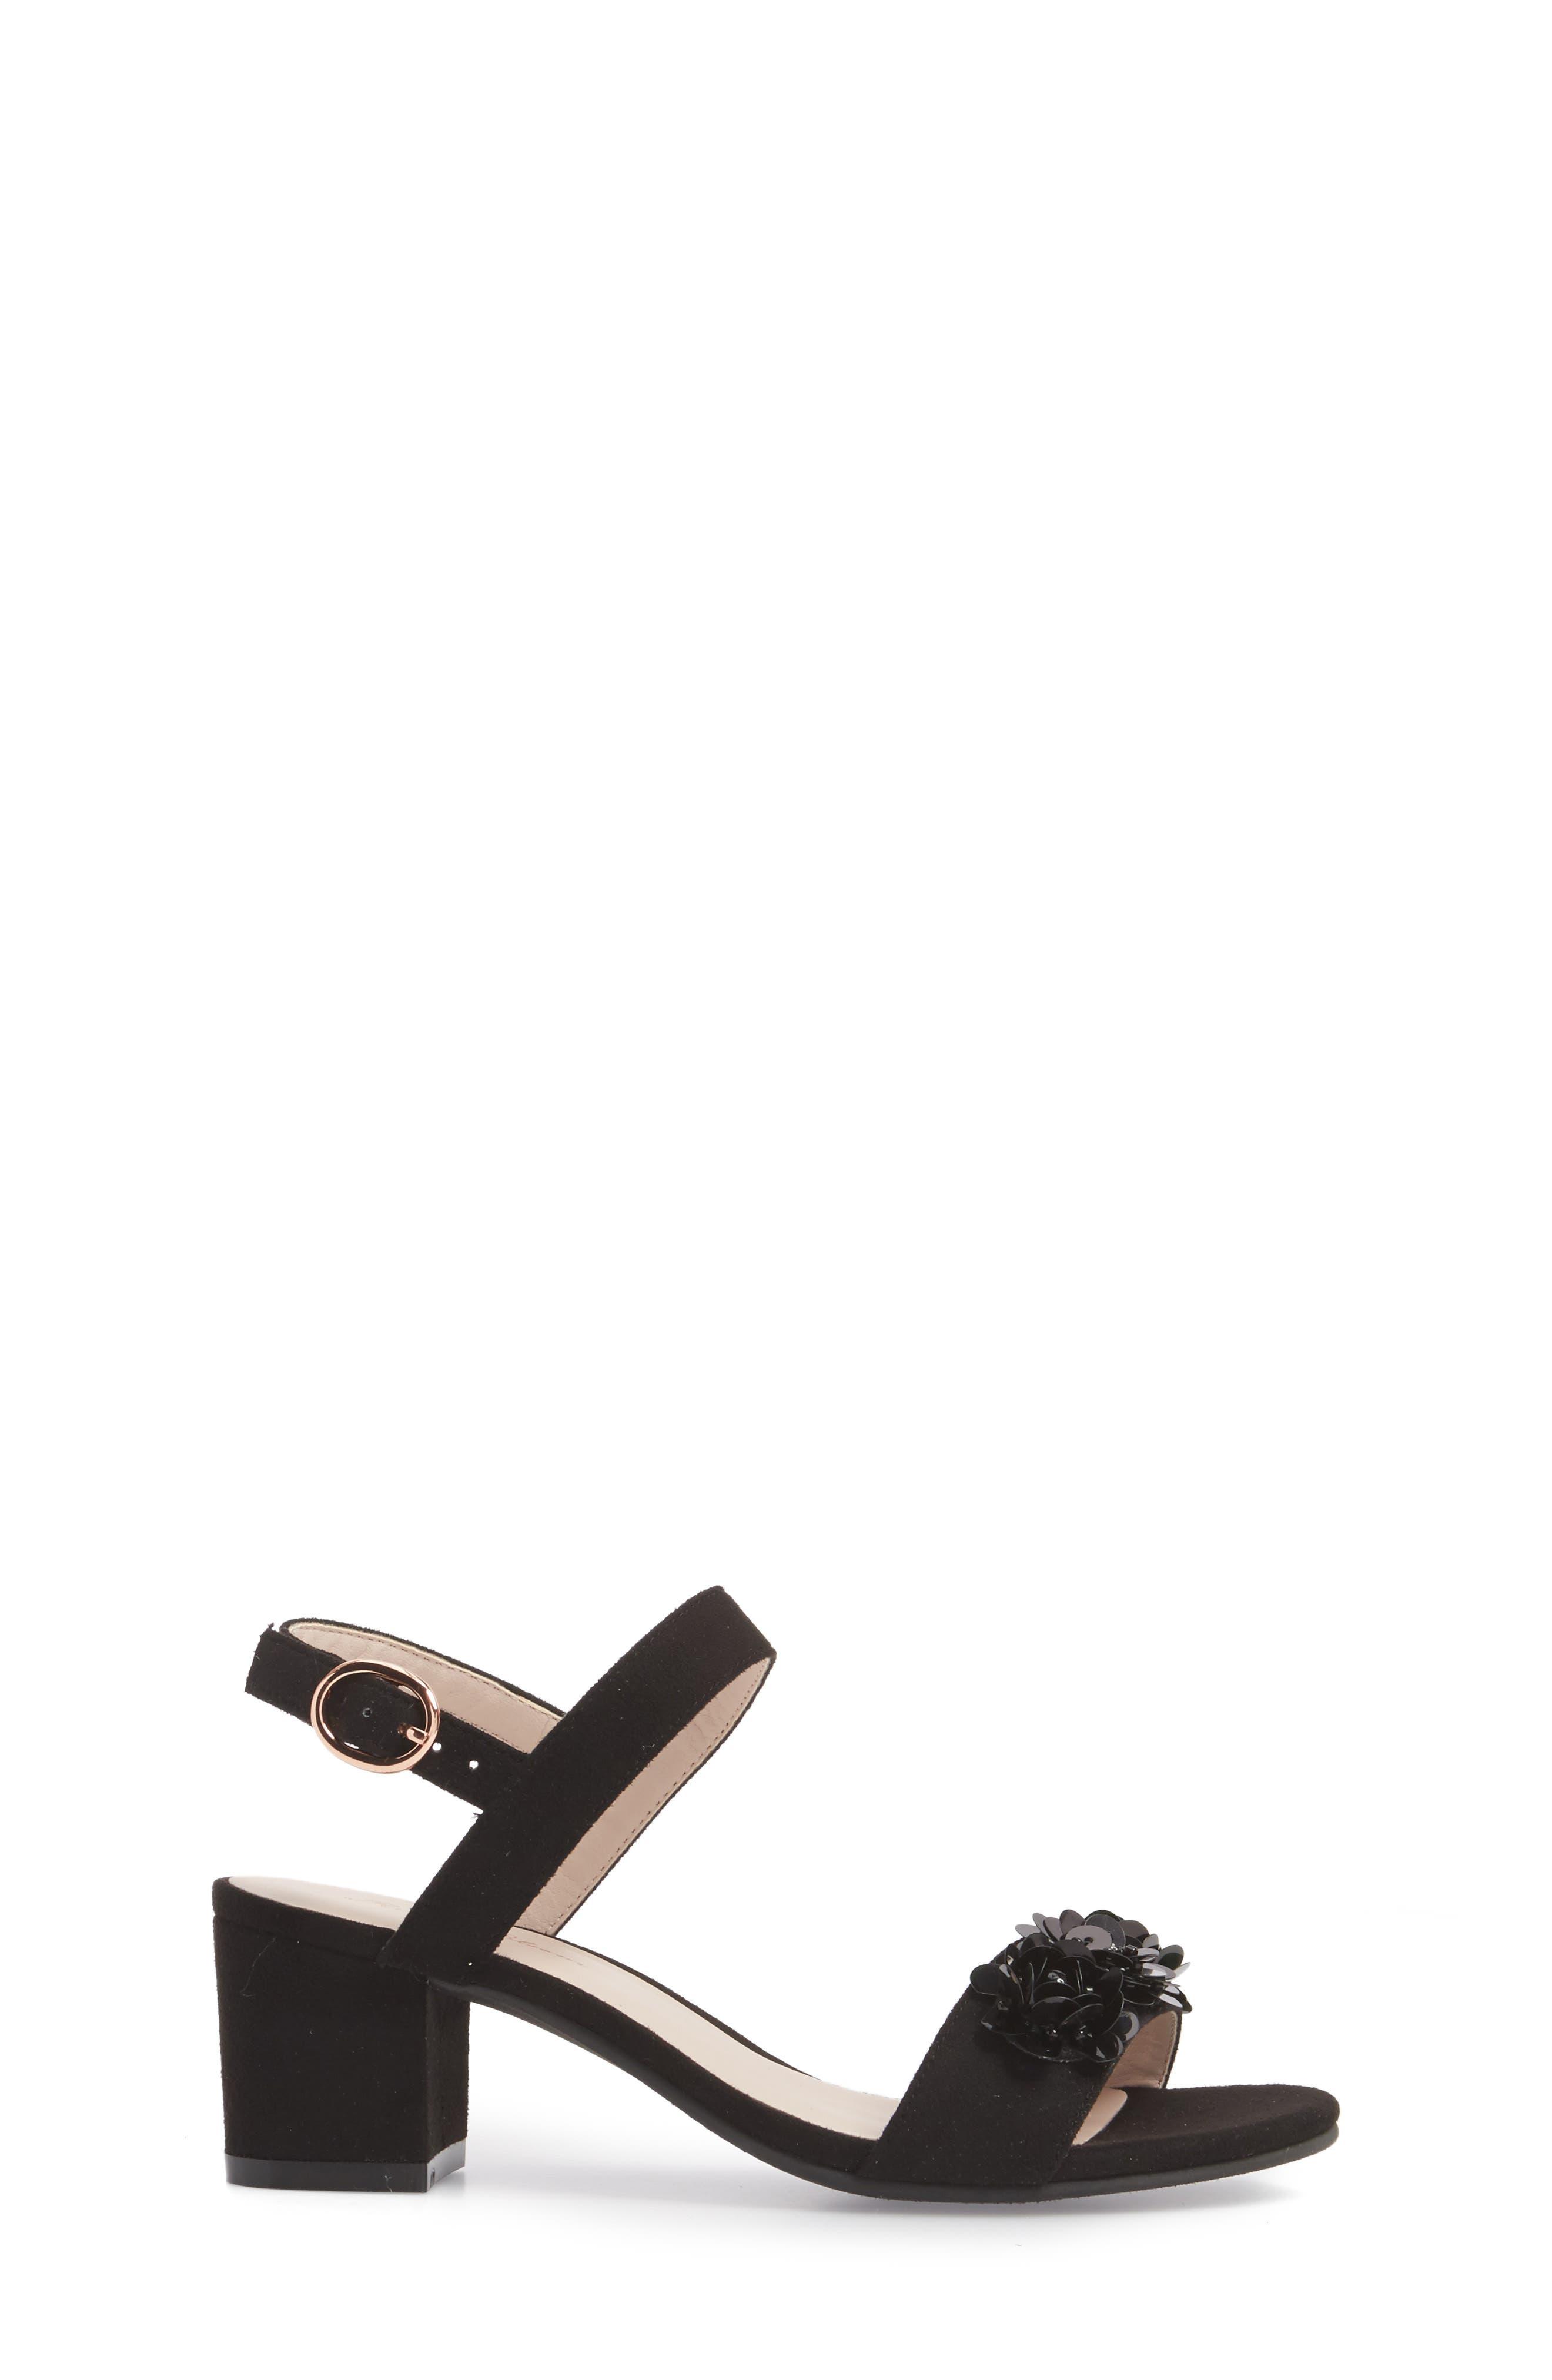 Dina Floral Embellished Sandal,                             Alternate thumbnail 3, color,                             Black Fabric